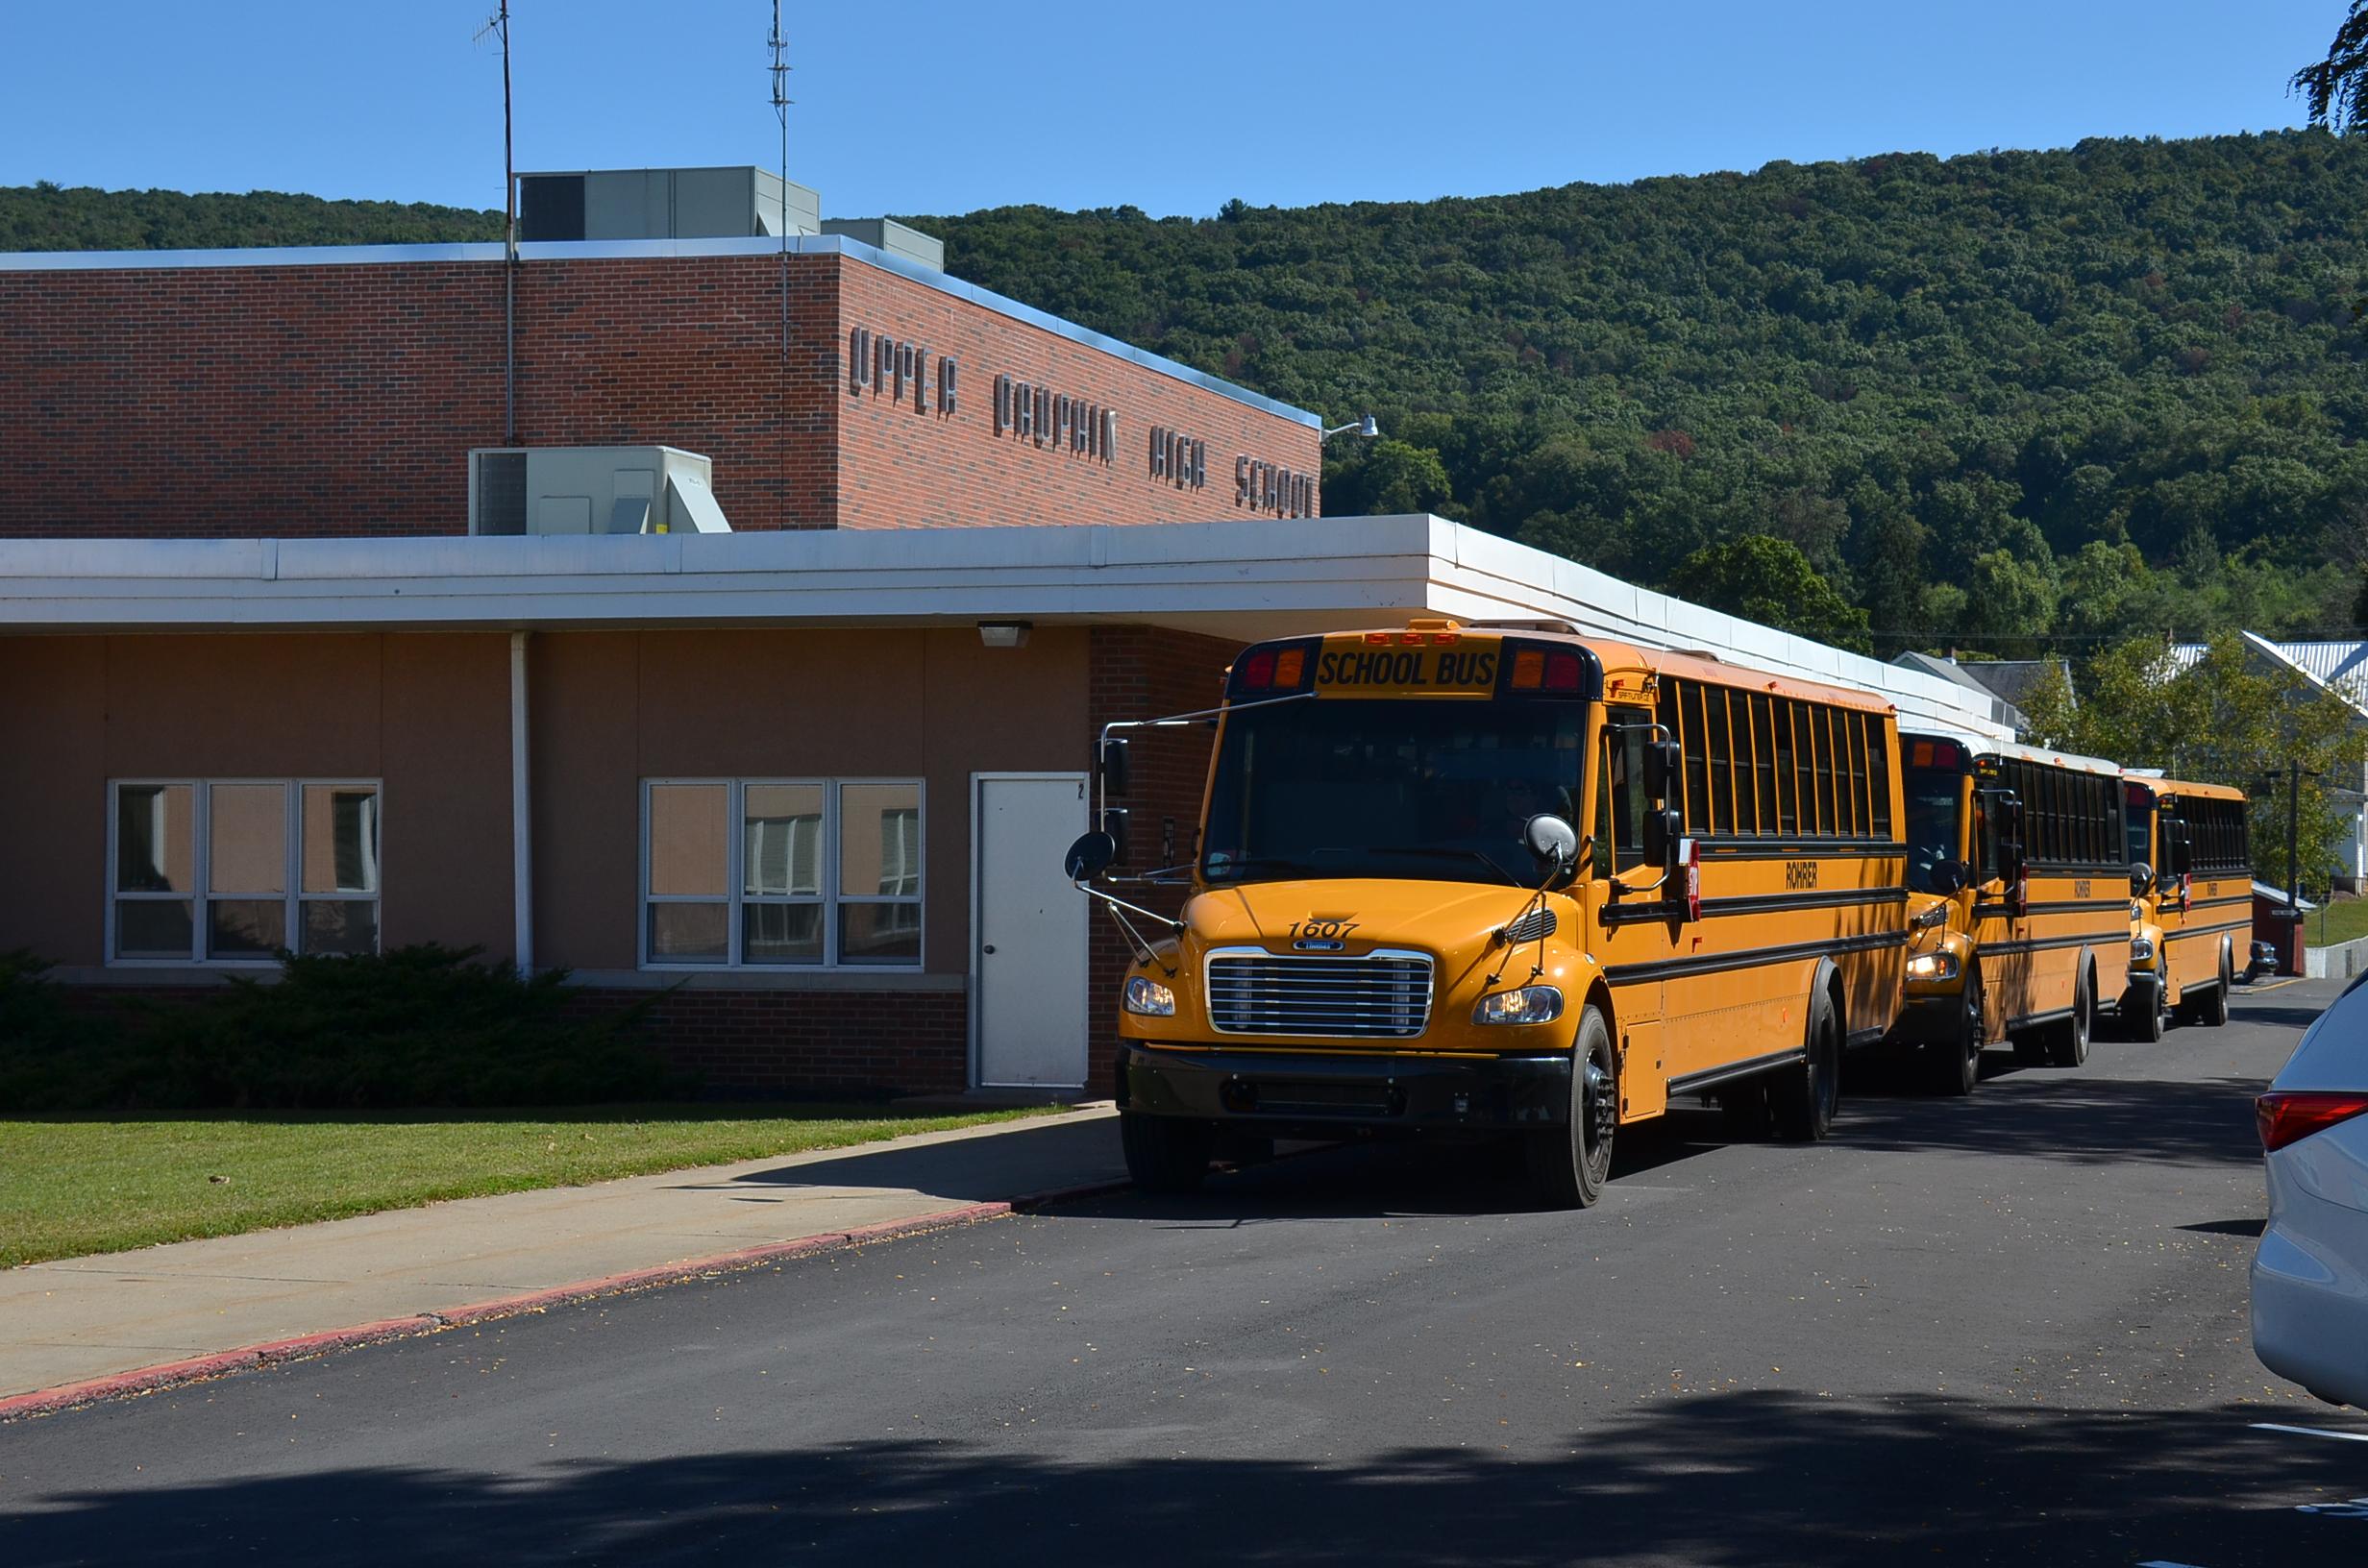 upper dauphin high school bus